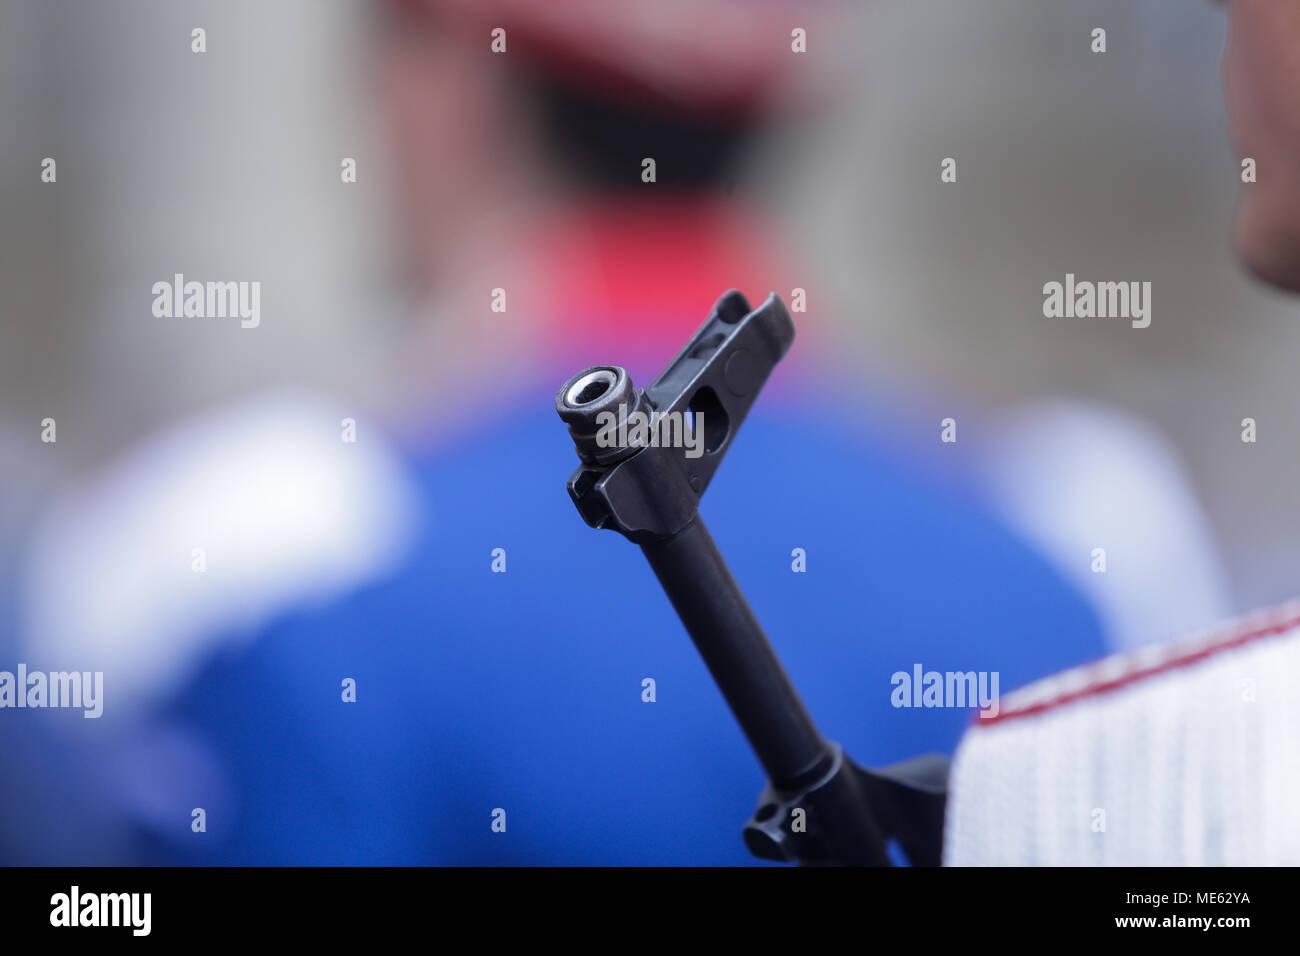 Close-up of a AK47 rifle gun barrel - Stock Image